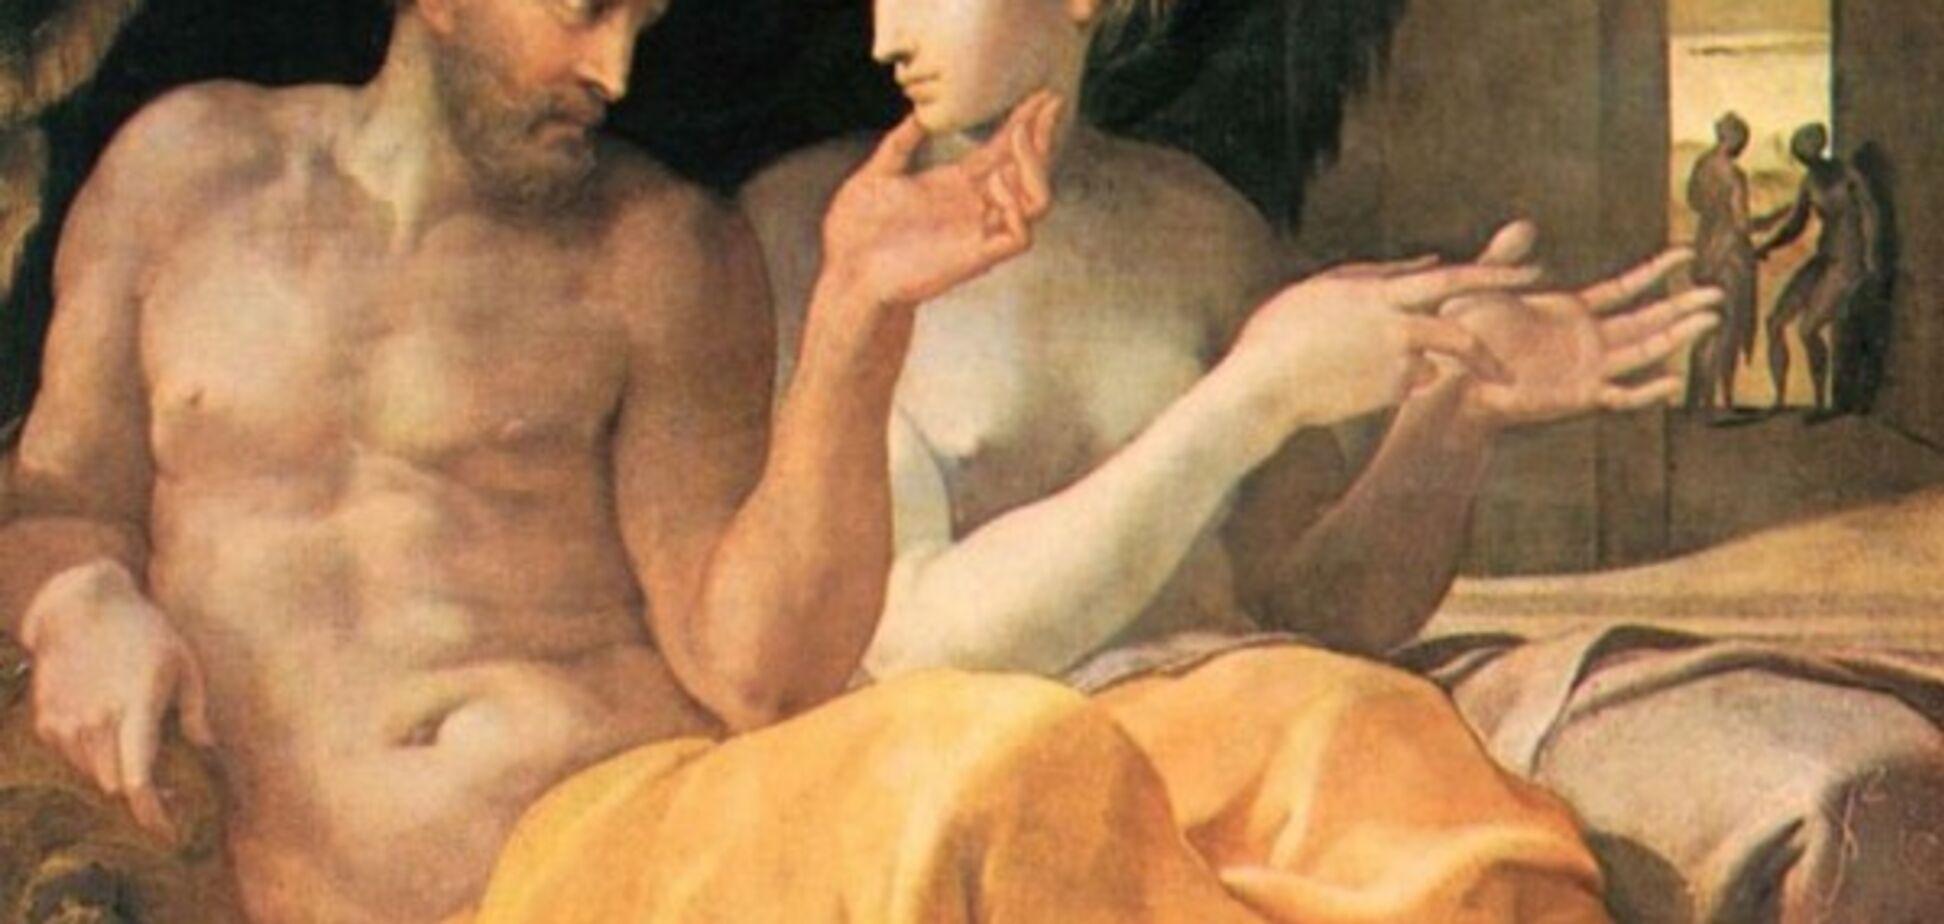 Одісей та Пенелопа, або Як виносити сміття